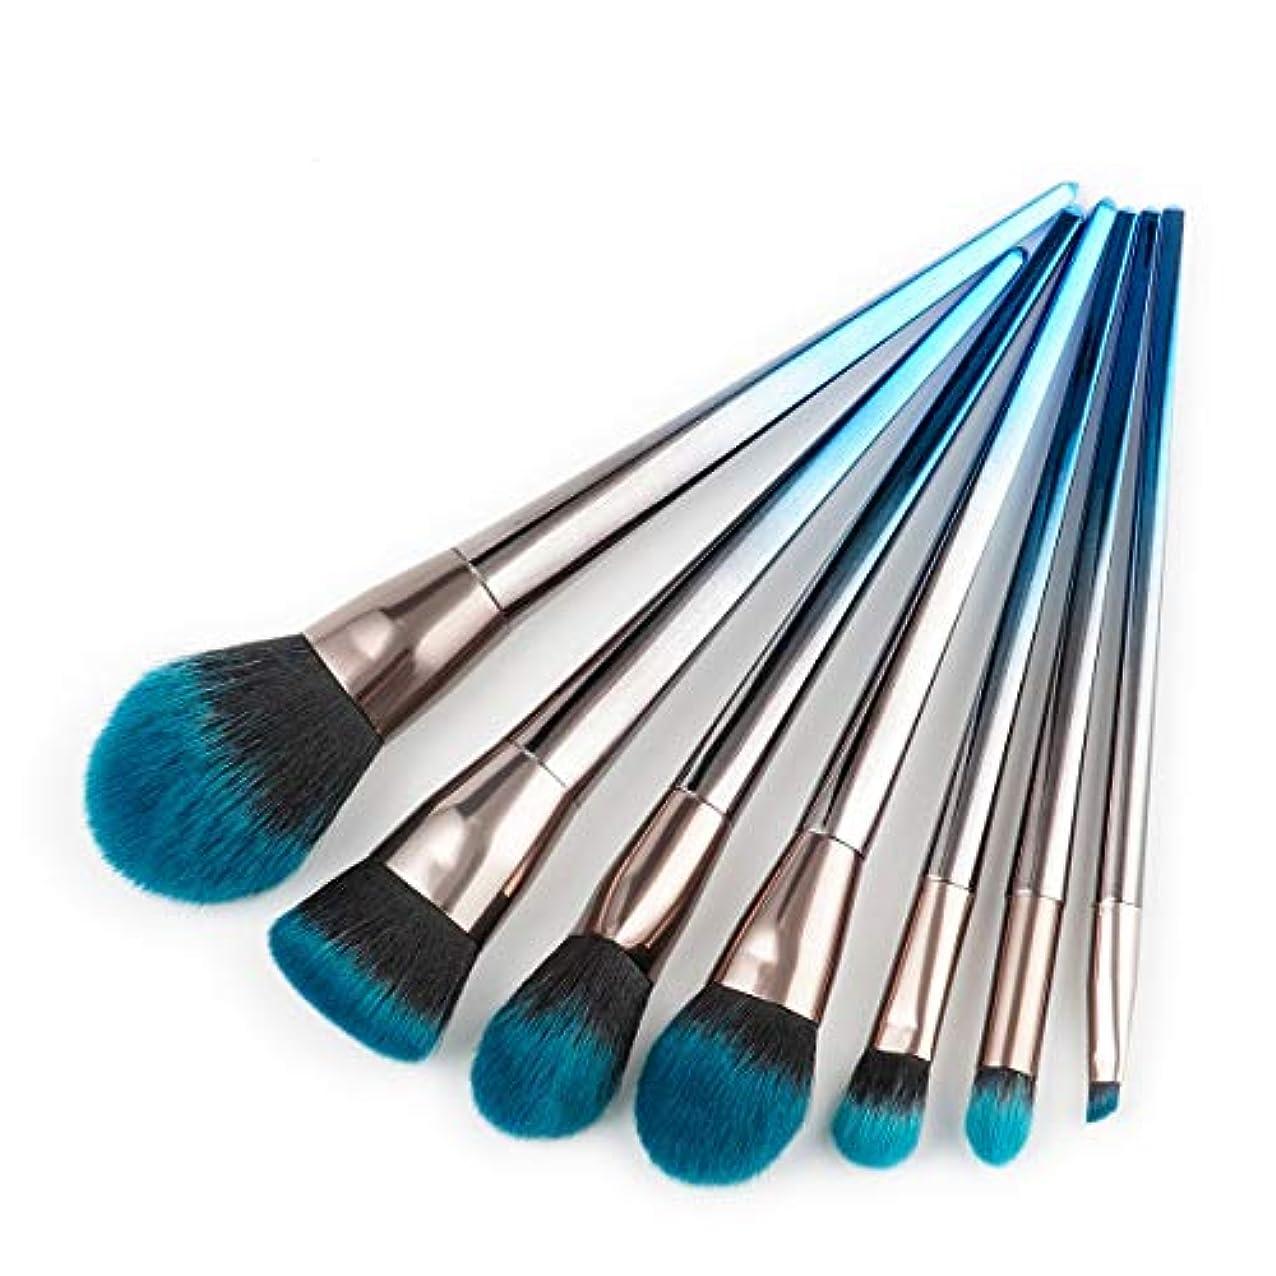 コンチネンタル聞きます空いているMakeup brushes 7ピースブルーブラックグラデーションメイクブラシセット整形ファンデーション赤面アイシャドウリップブラシフェイシャルメイクアップツール suits (Color : Blue and black...